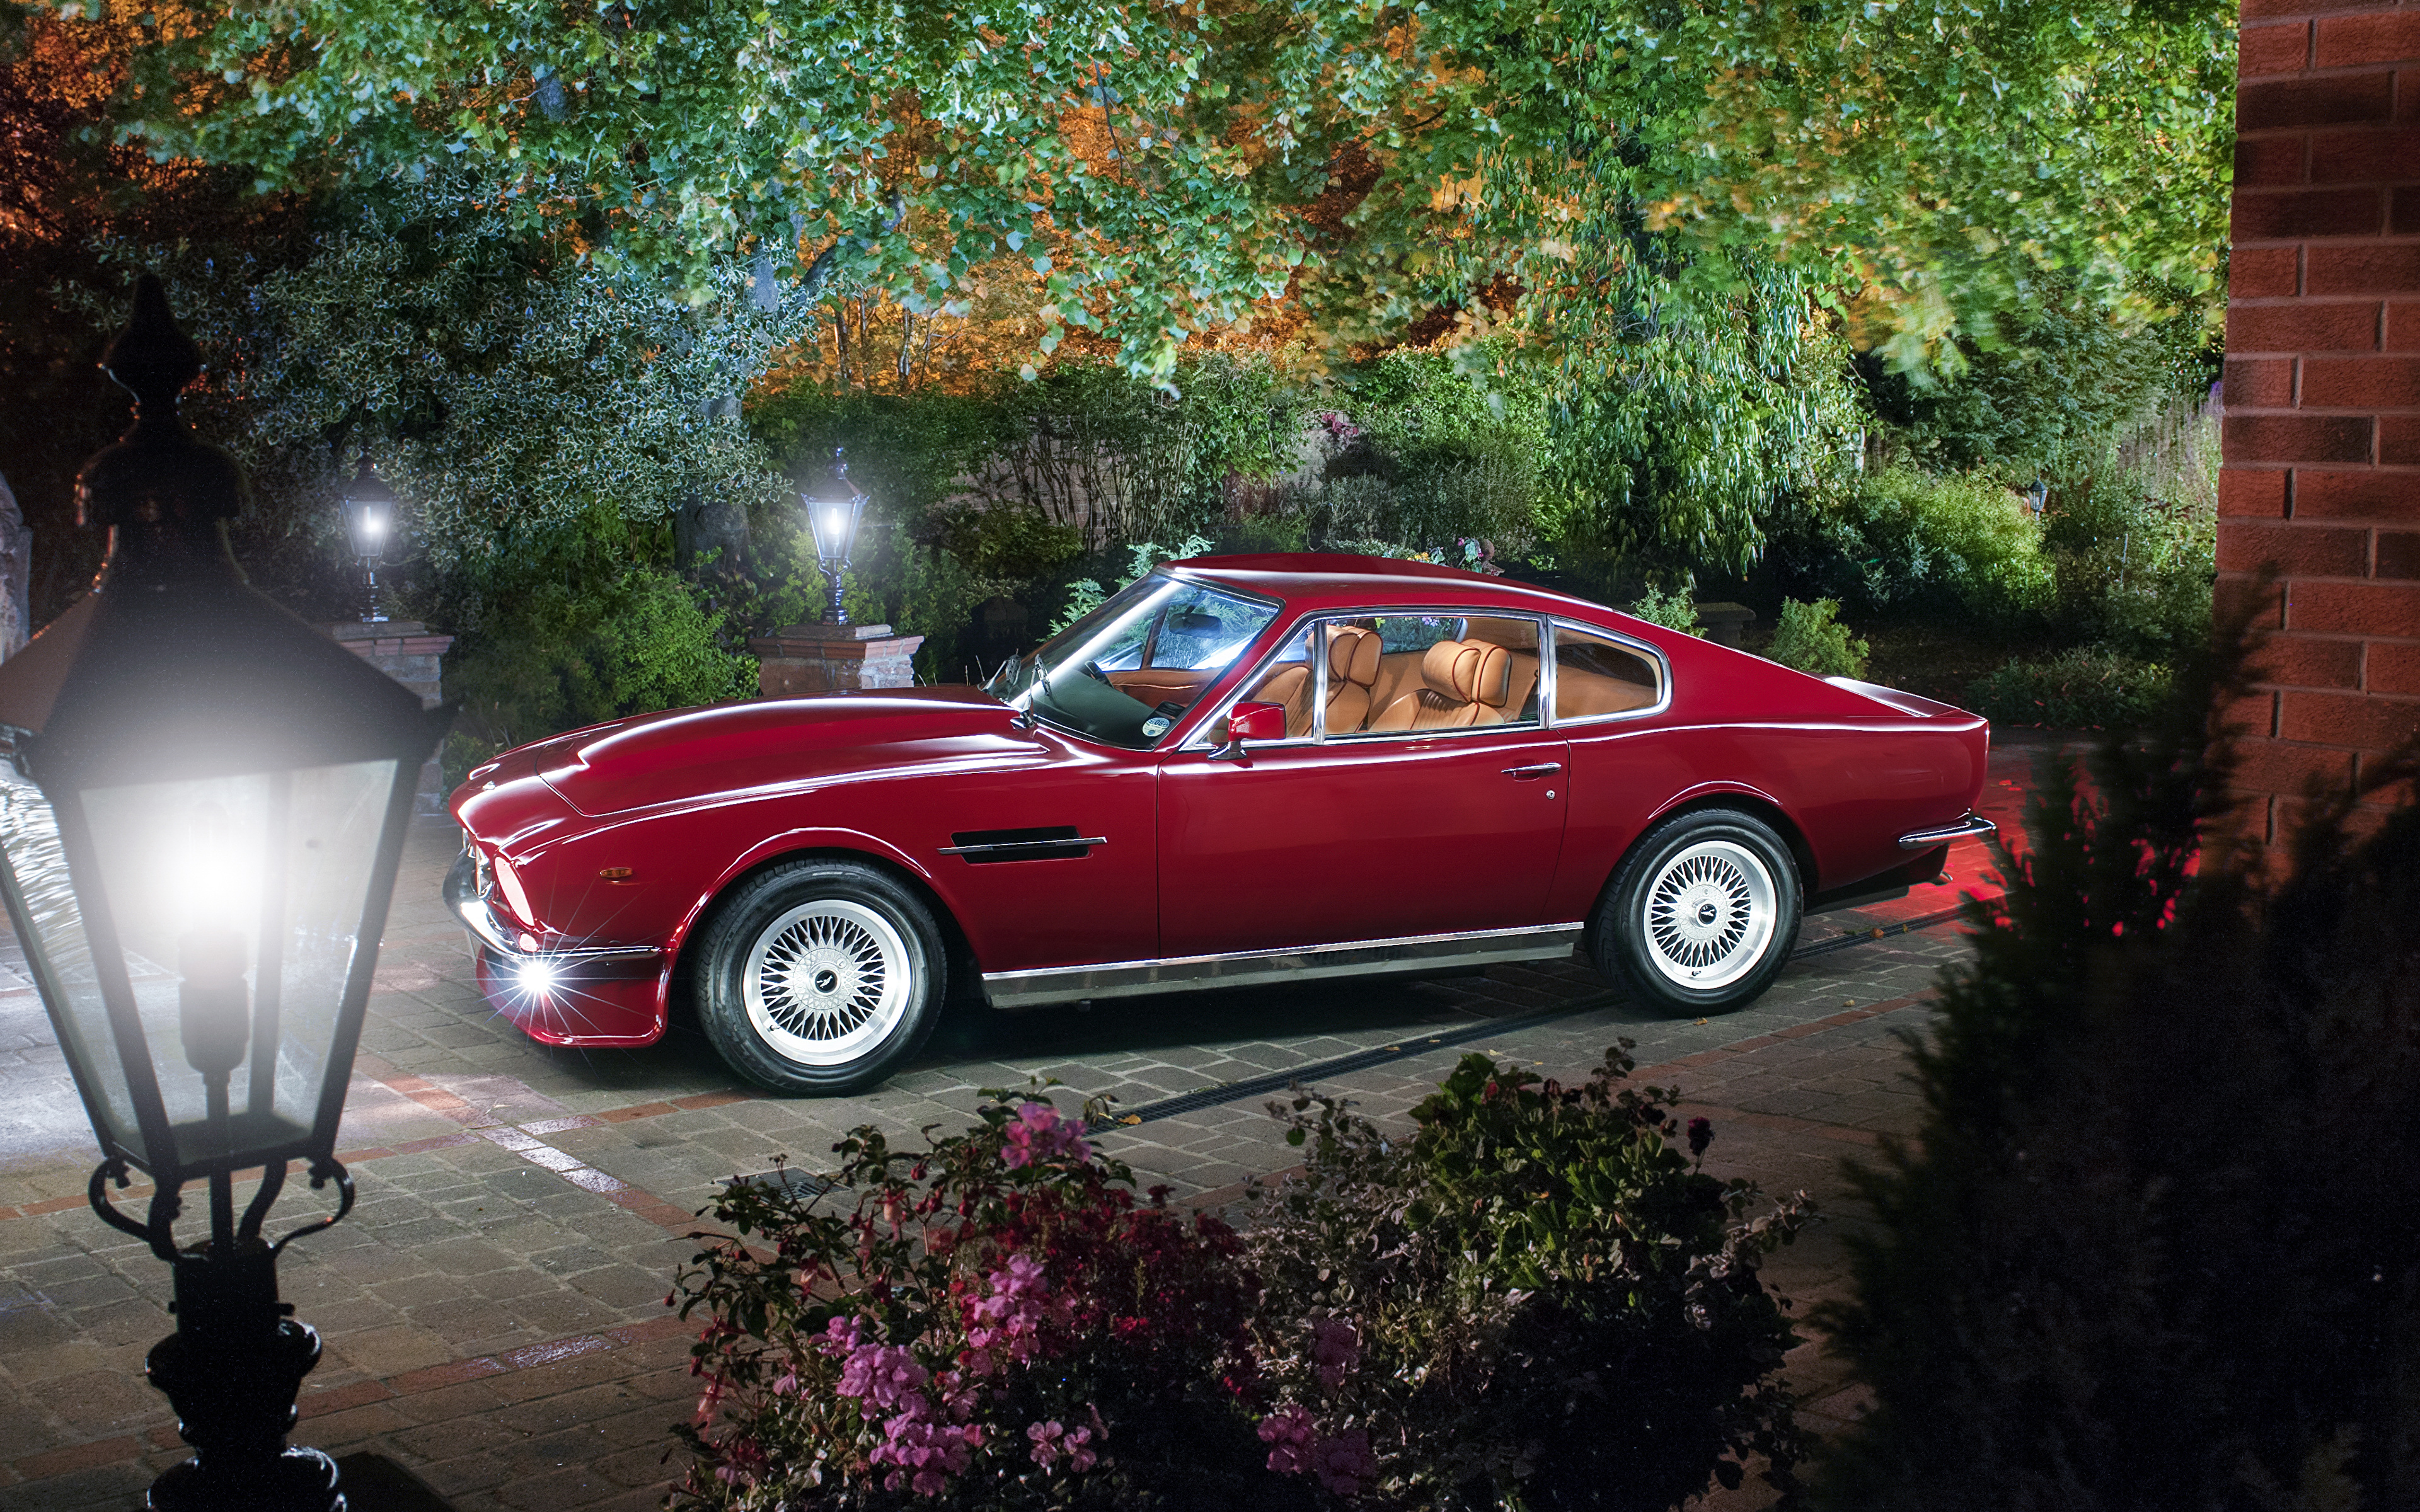 Fondos De Pantalla 3840x2400 Aston Martin Retro 1977 89 V8 Vantage Rojo Metalico Coches Descargar Imagenes